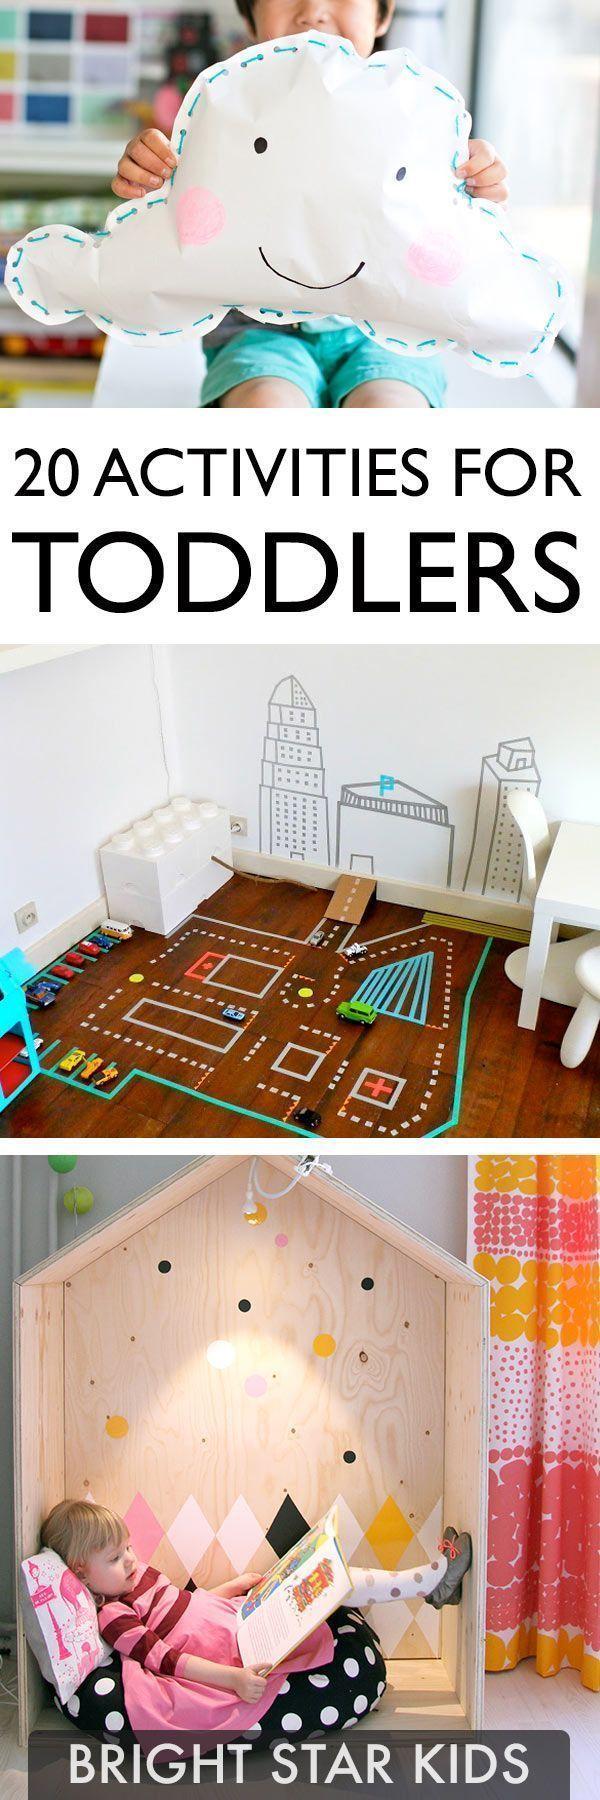 20 Fun Toddler Activities